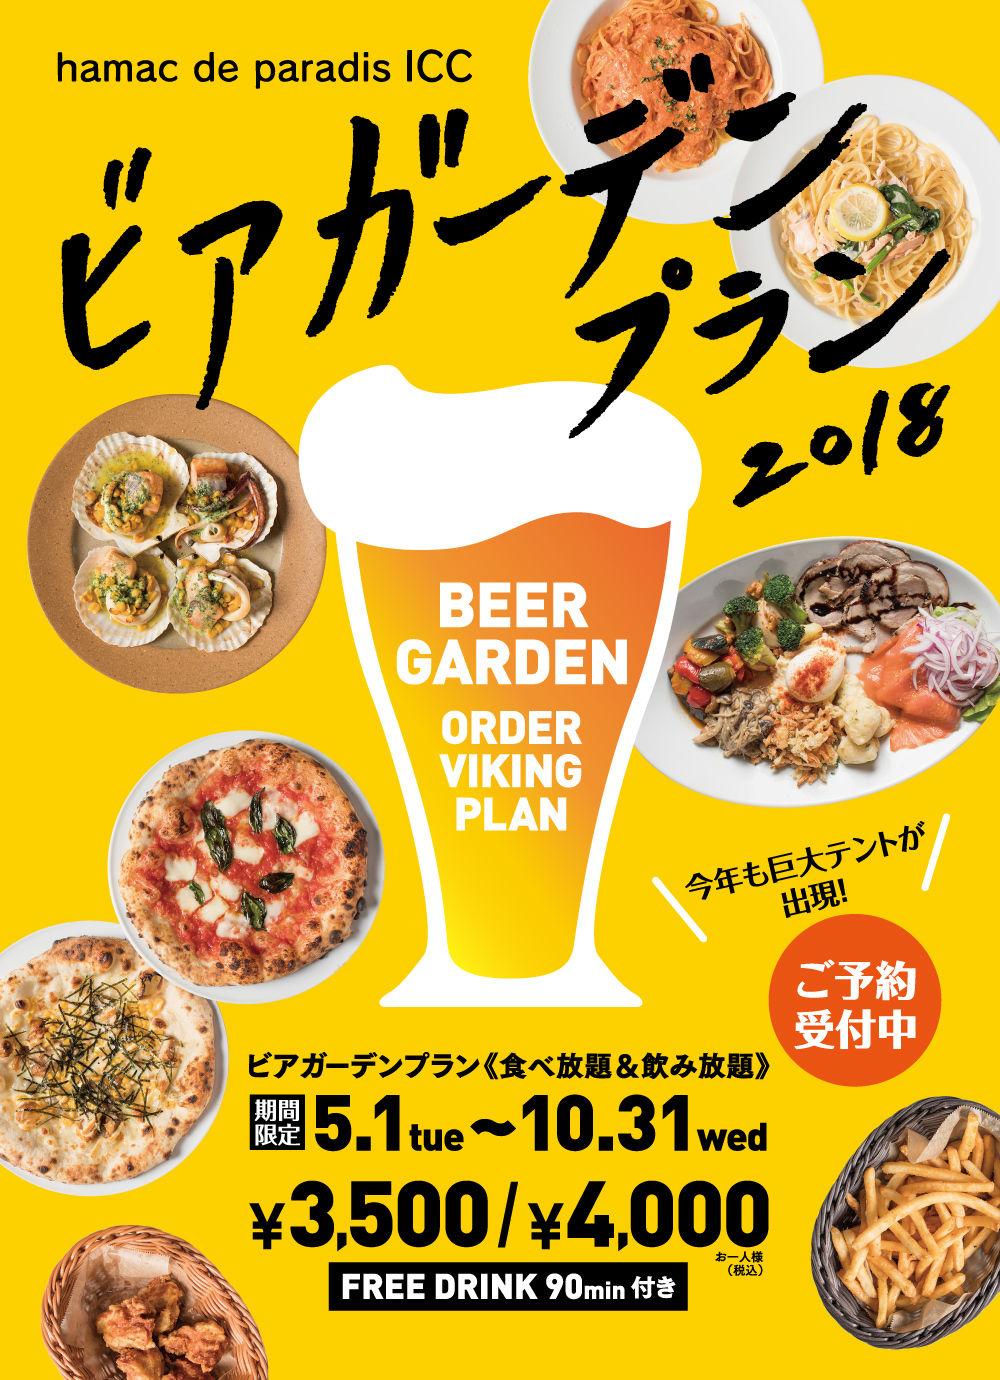 icc_1804_beergarden_1.jpg